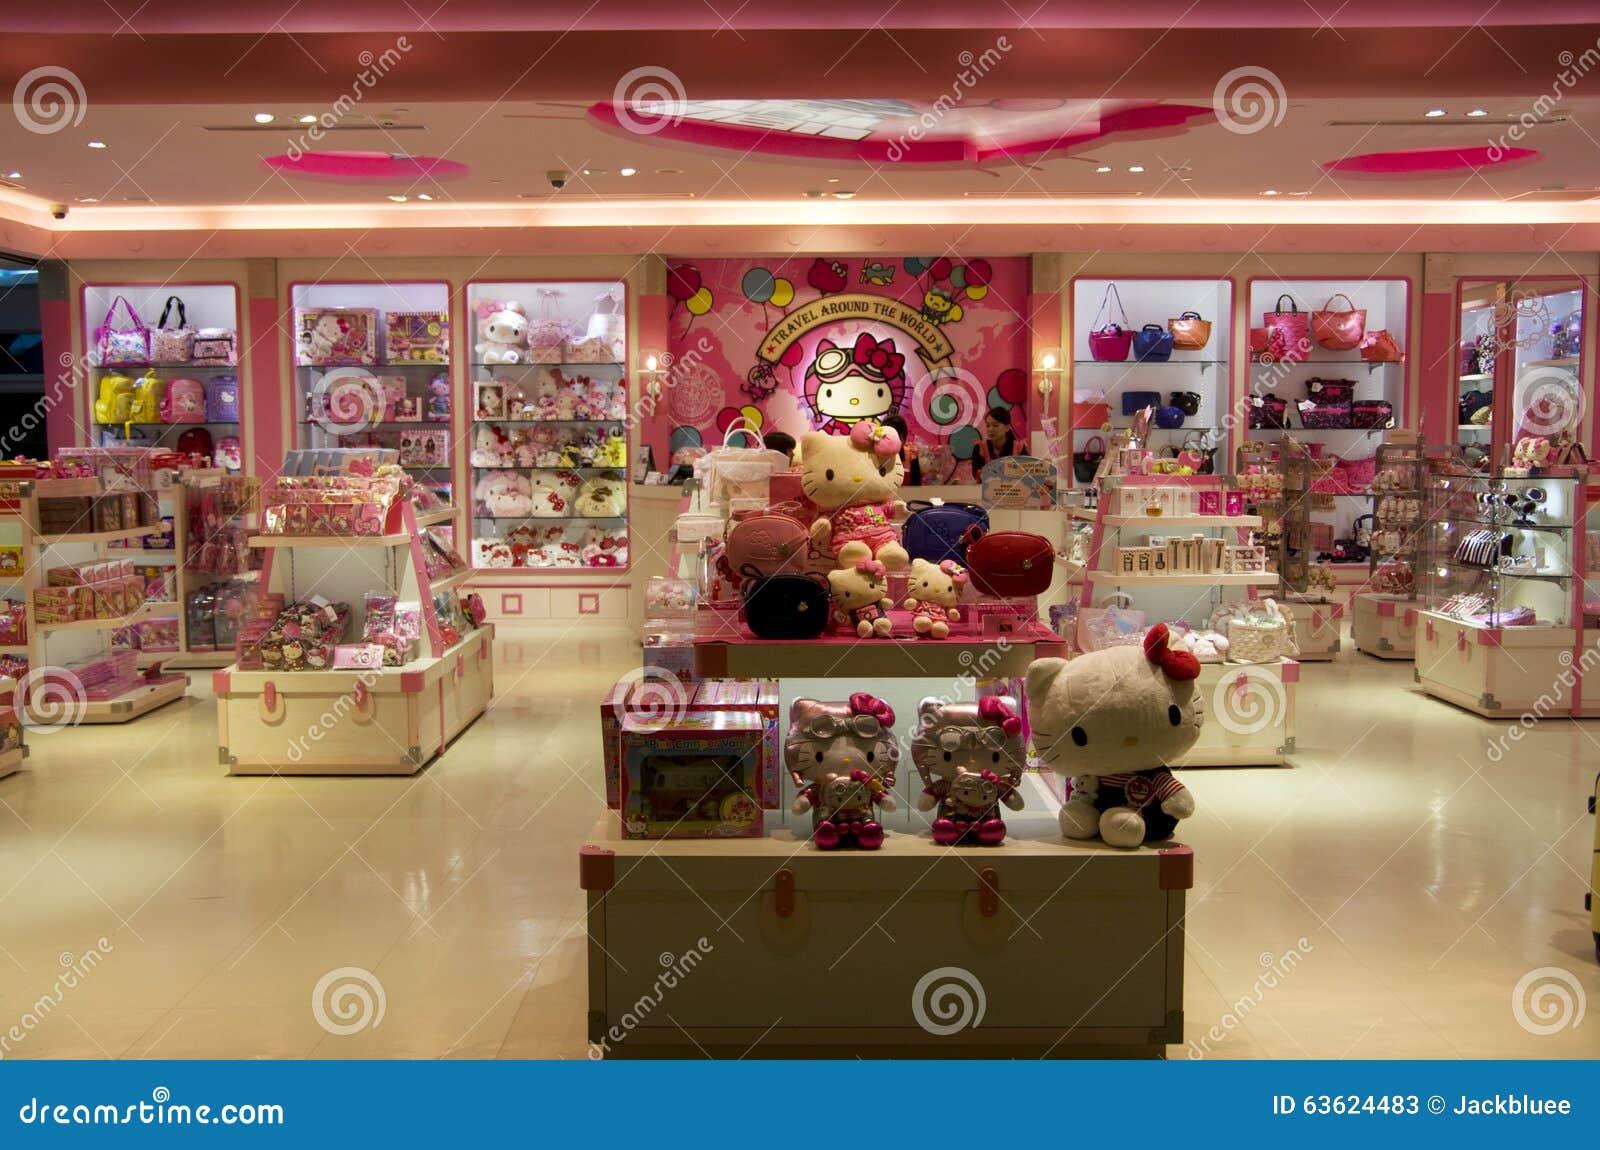 b3ebfe758 Hello Kitty shop editorial stock photo. Image of doll - 63624483